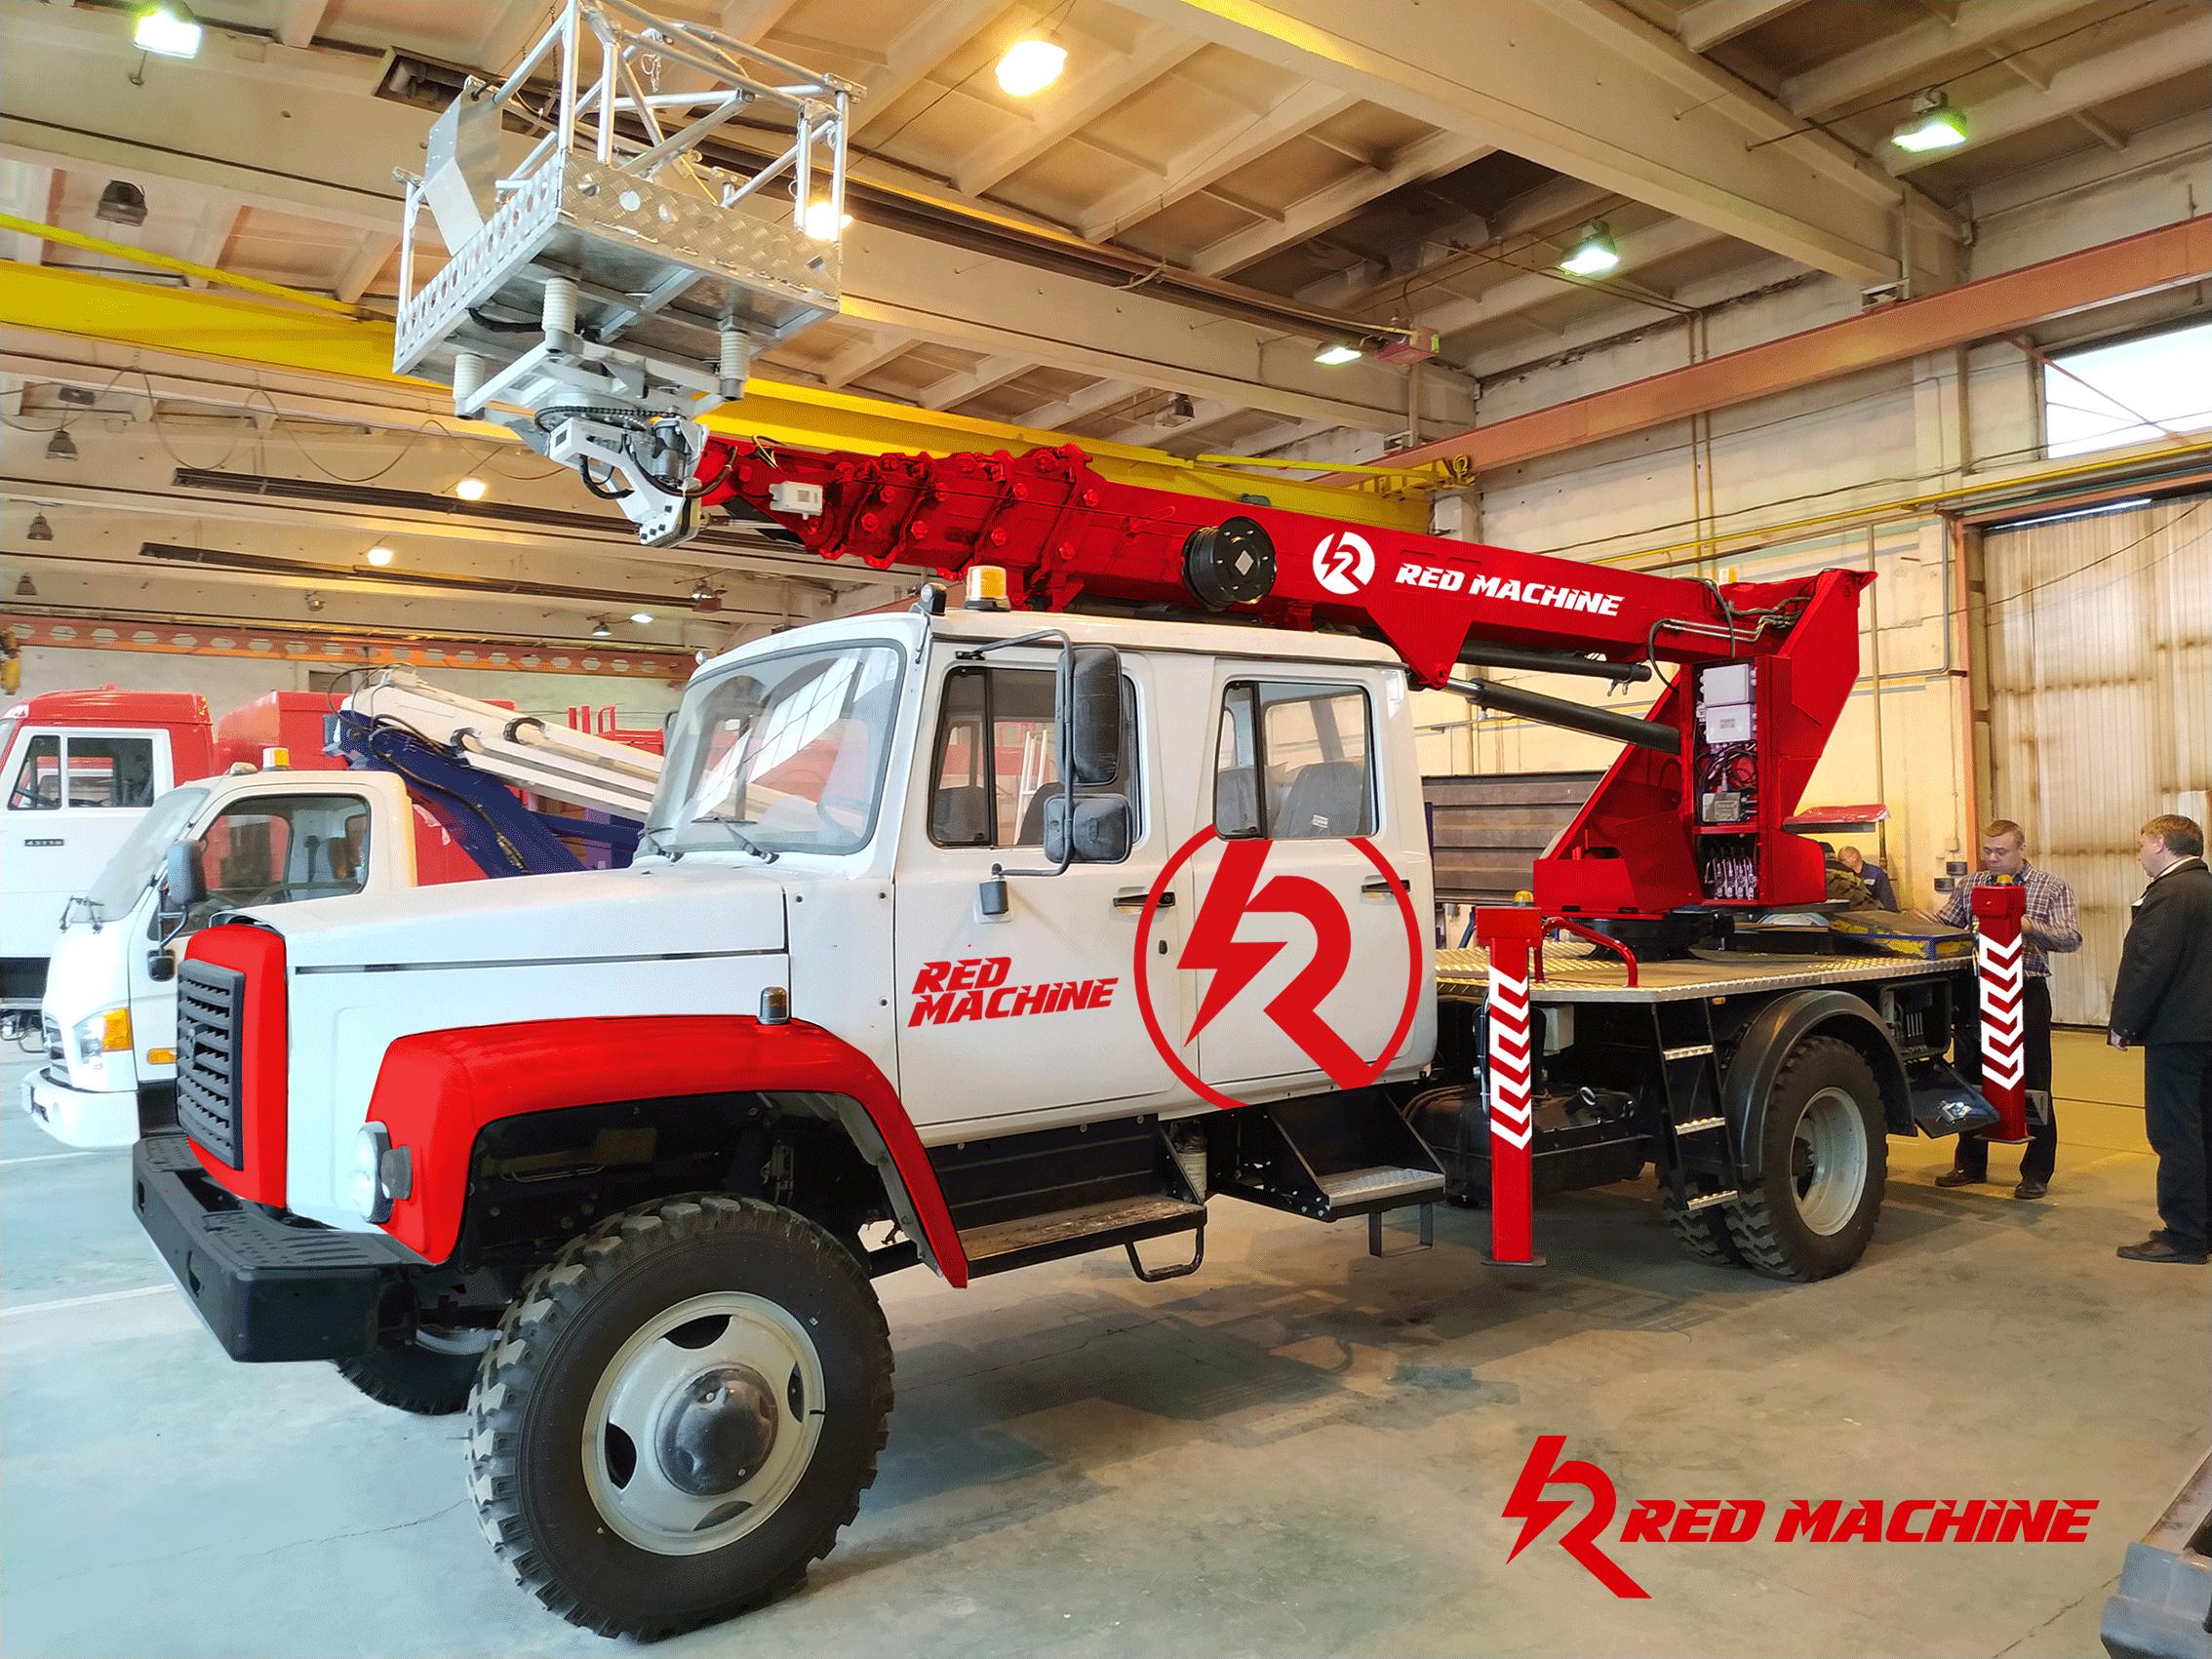 Оформление автогидроподъёмника,  бренд - RED MACHINE фото f_9625e14dc3bae854.png